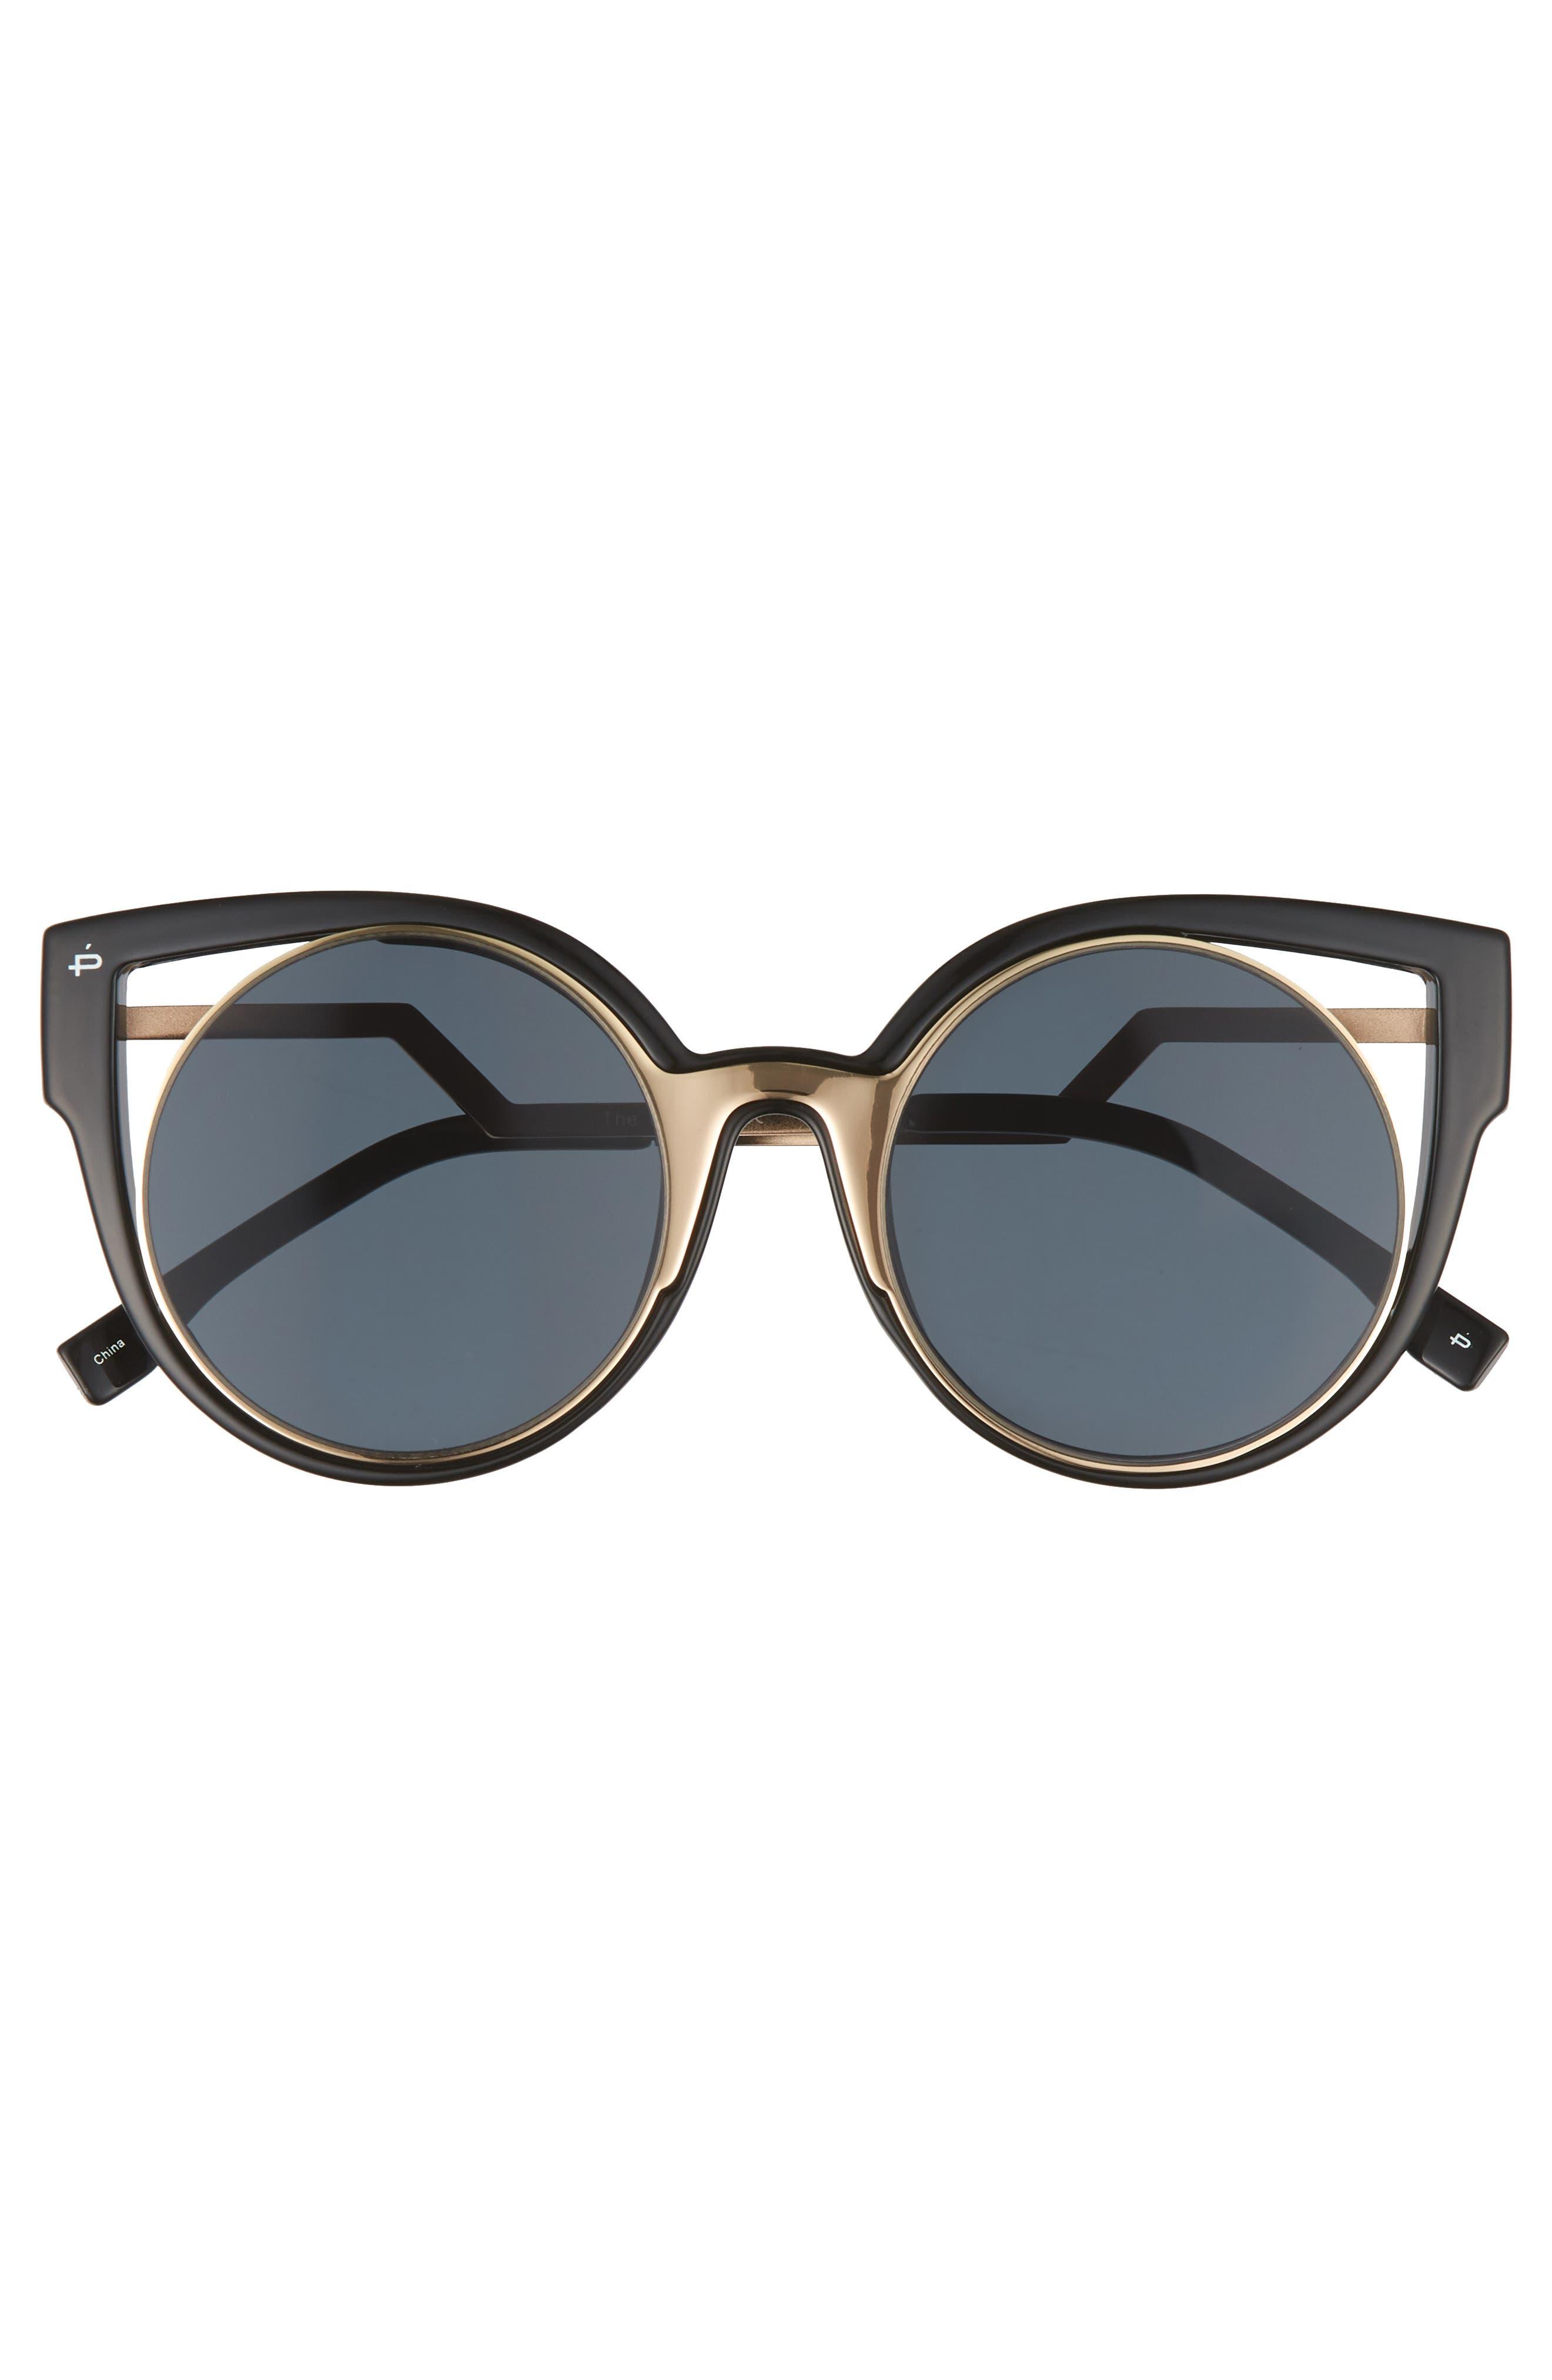 Privé Revaux The Feminist 47mm Cat Eye Sunglasses,                             Alternate thumbnail 3, color,                             001